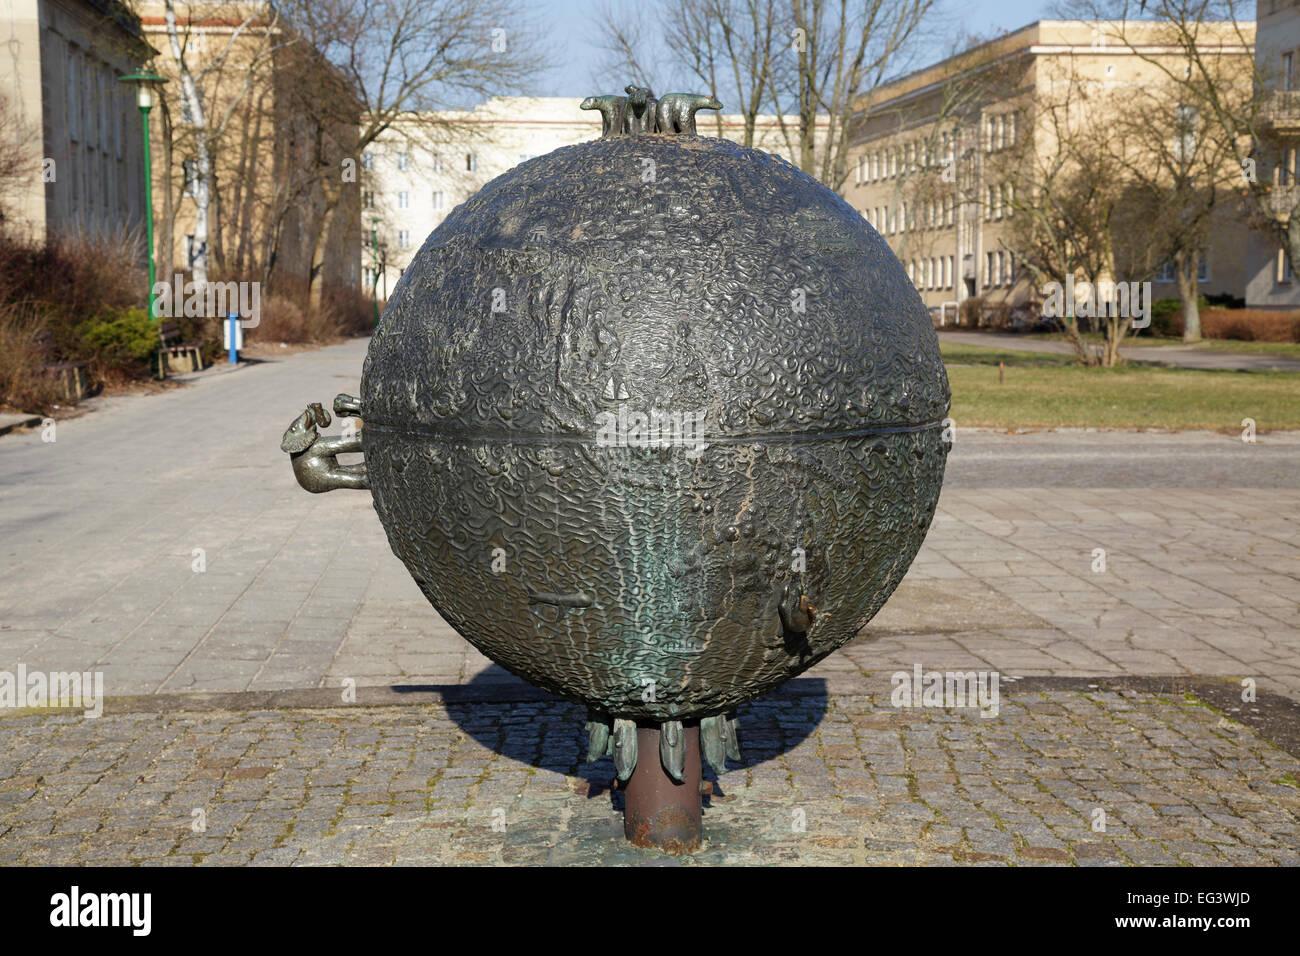 sculpture Erdkugel by Axel and Cornelia Schulz 1977/78, Eisenhuettenstadt, Brandenburg, Germany - Stock Image